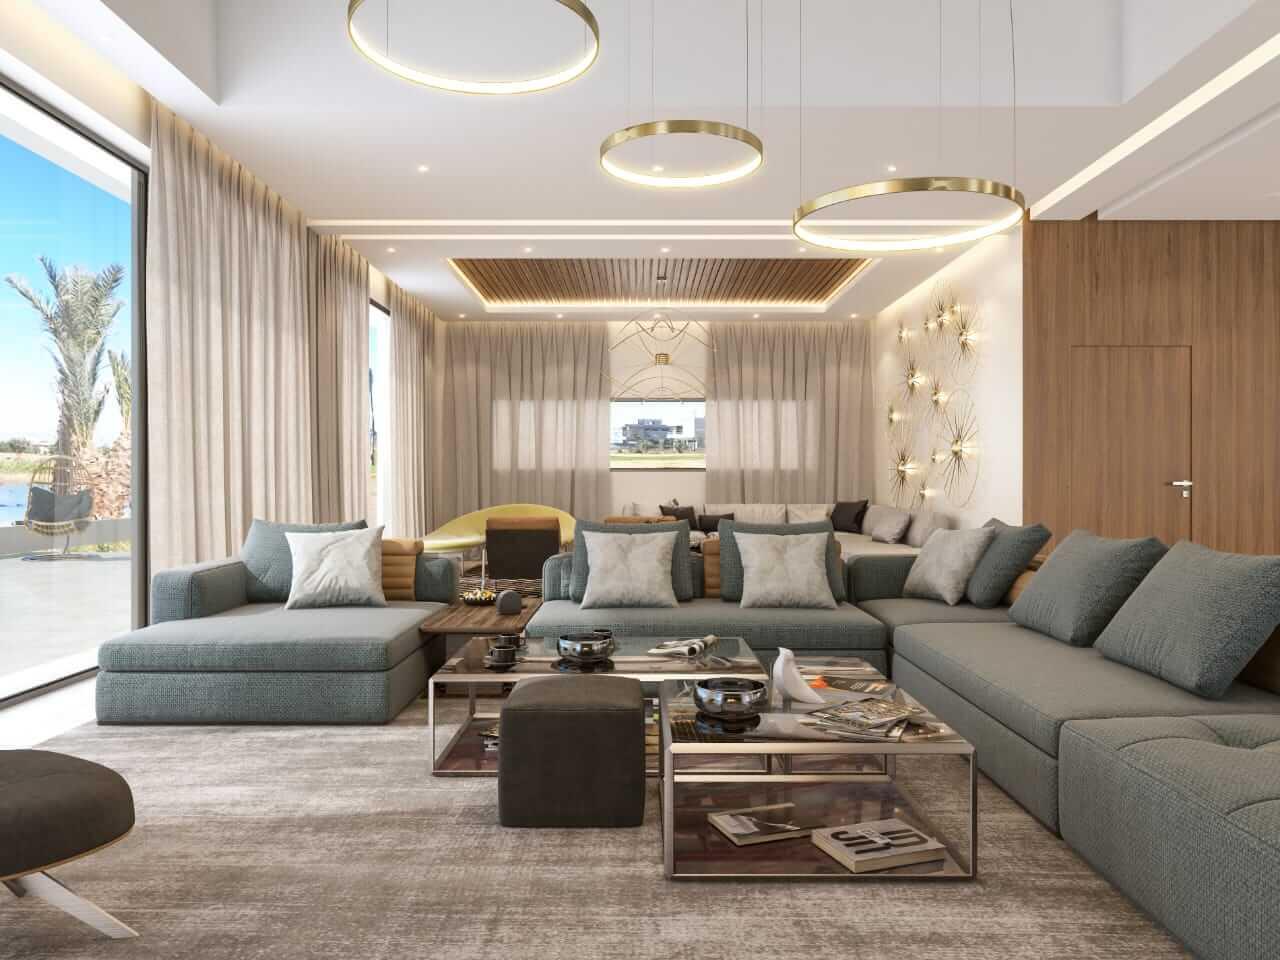 Salotto luminoso - Devincenti negozio arredamento e design Brescia